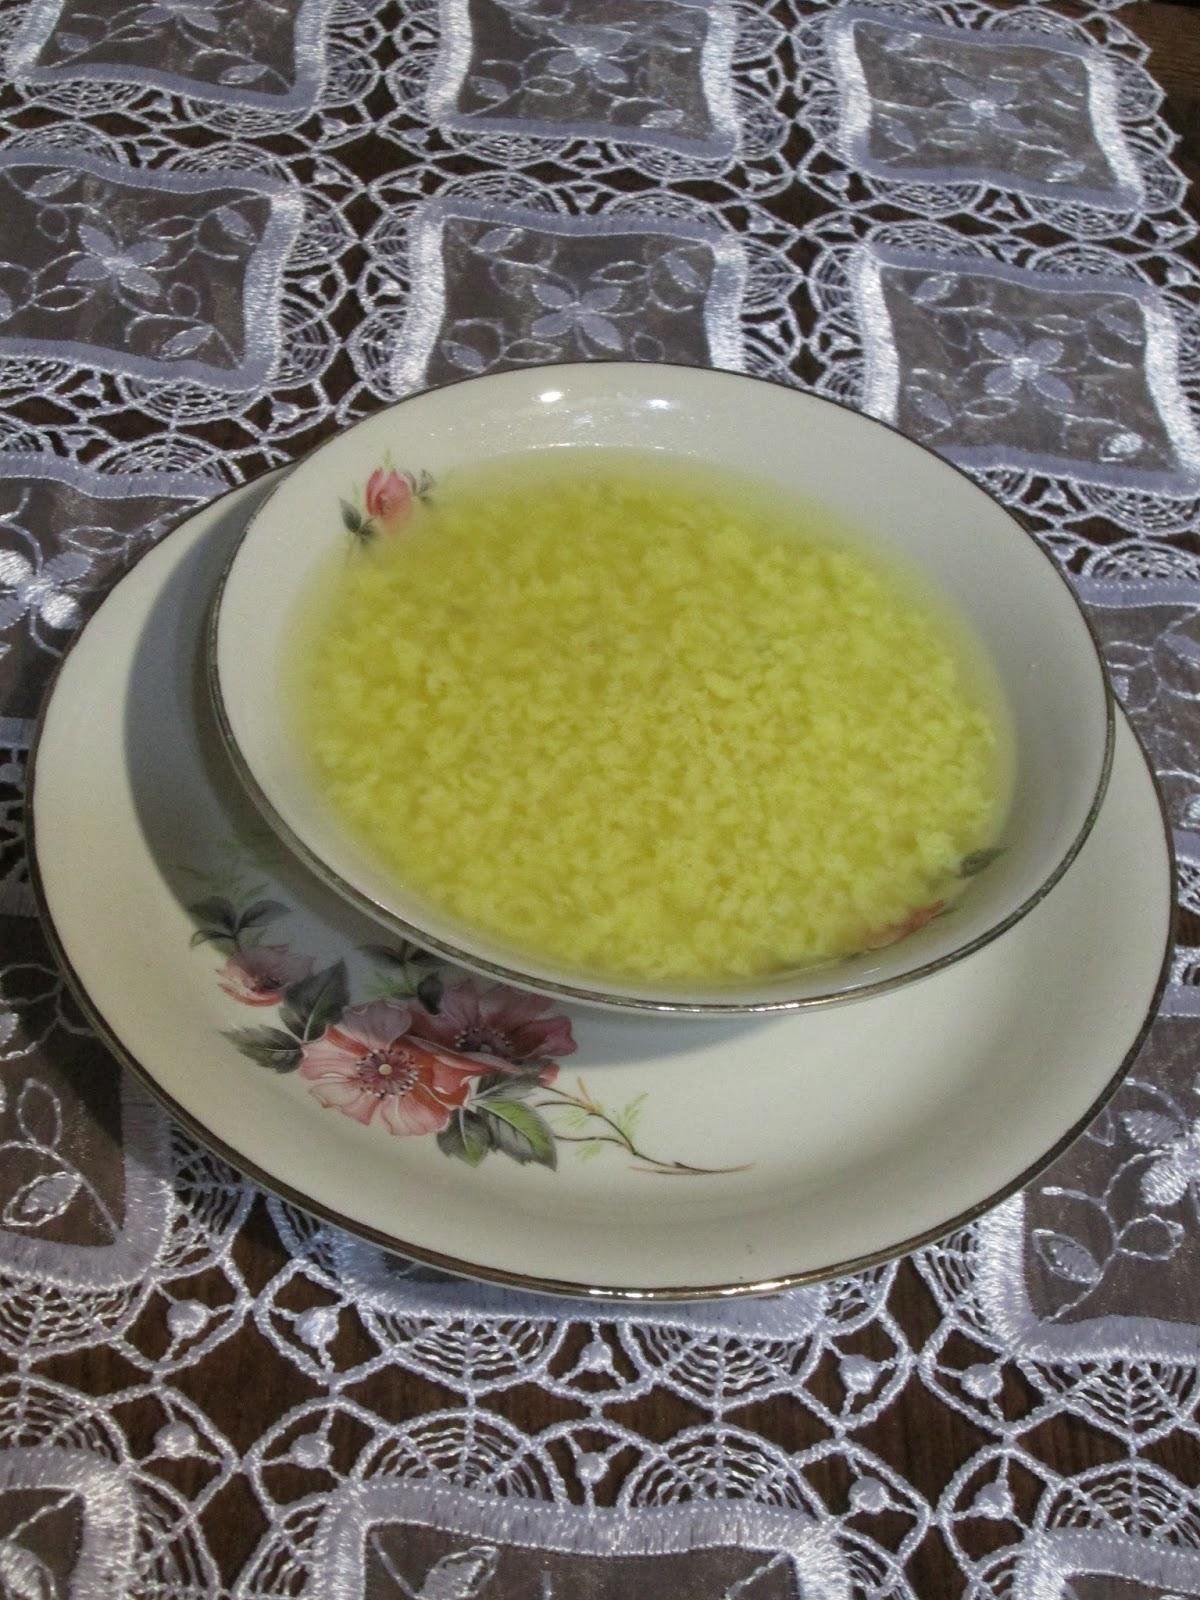 Raccontare un paese dalla mia cucina toscana minestra mille fanti - Appunti dalla mia cucina ...